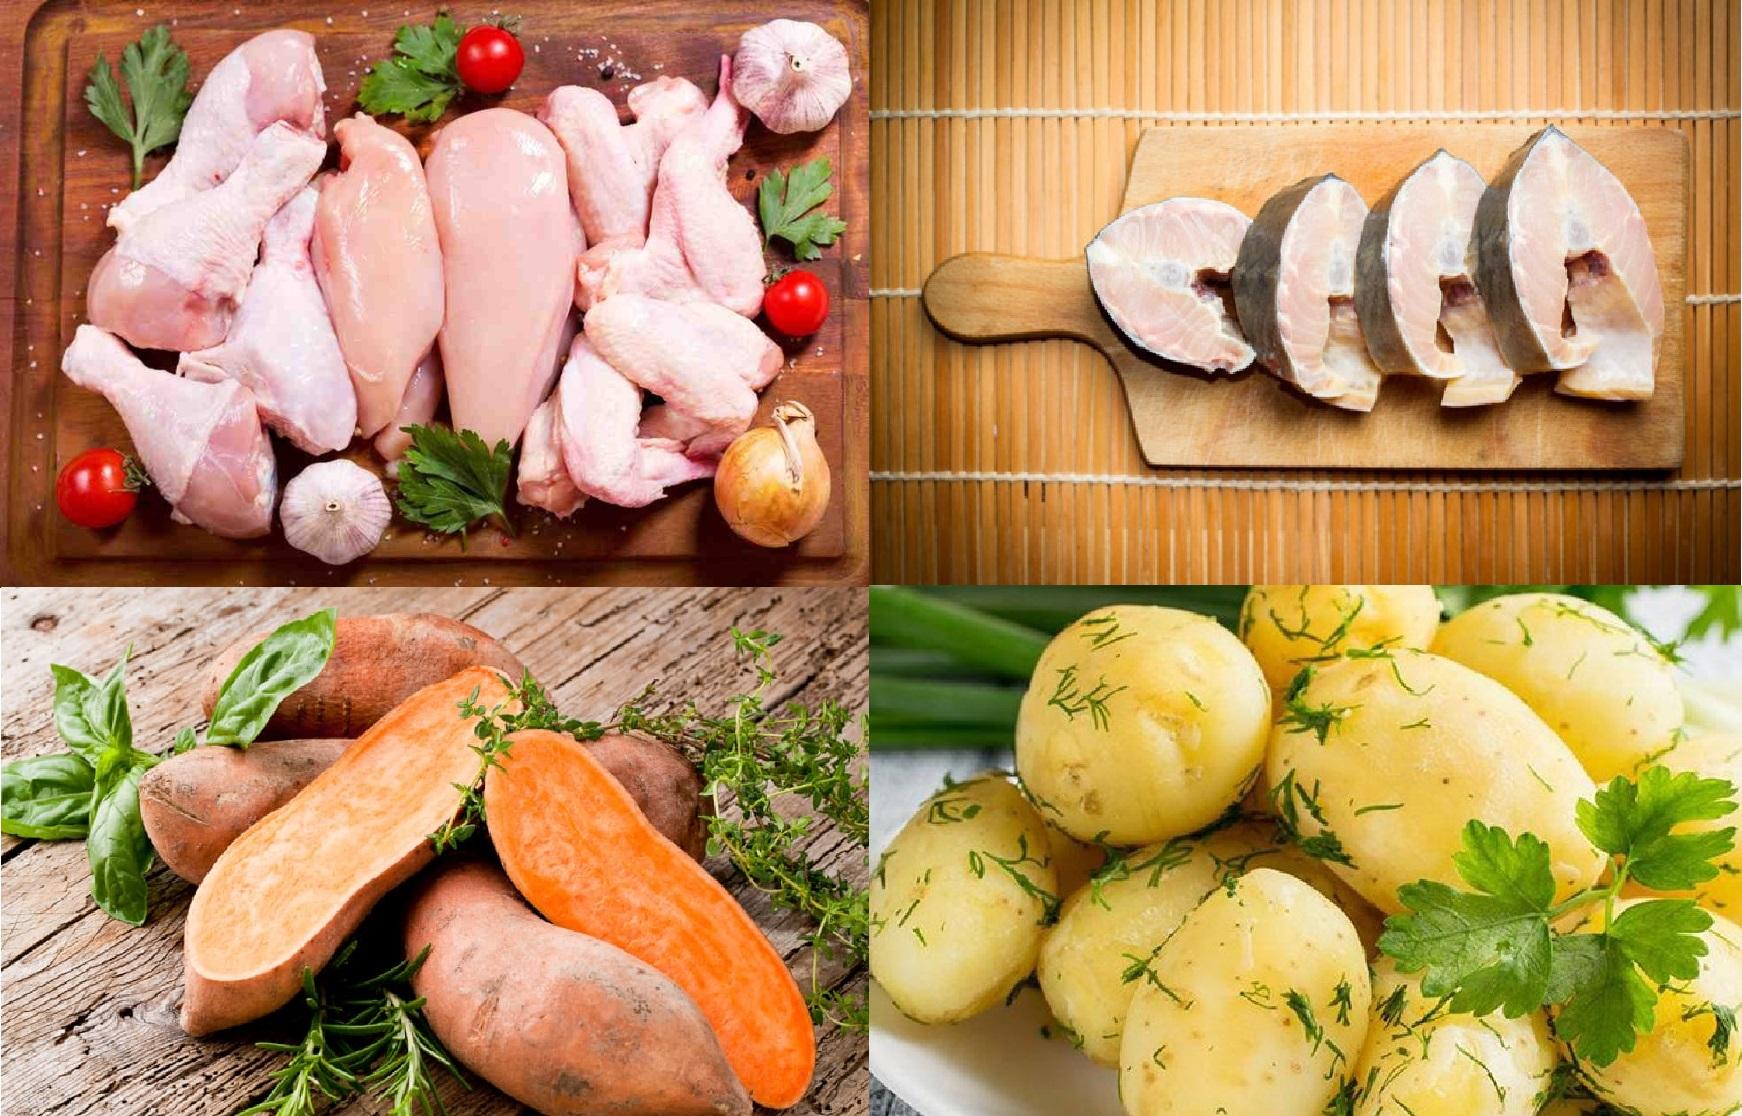 Gà, cá, khoai tây và khoai lang là 4 thực phẩm vô cùng tốt cho cân nặng của trẻ